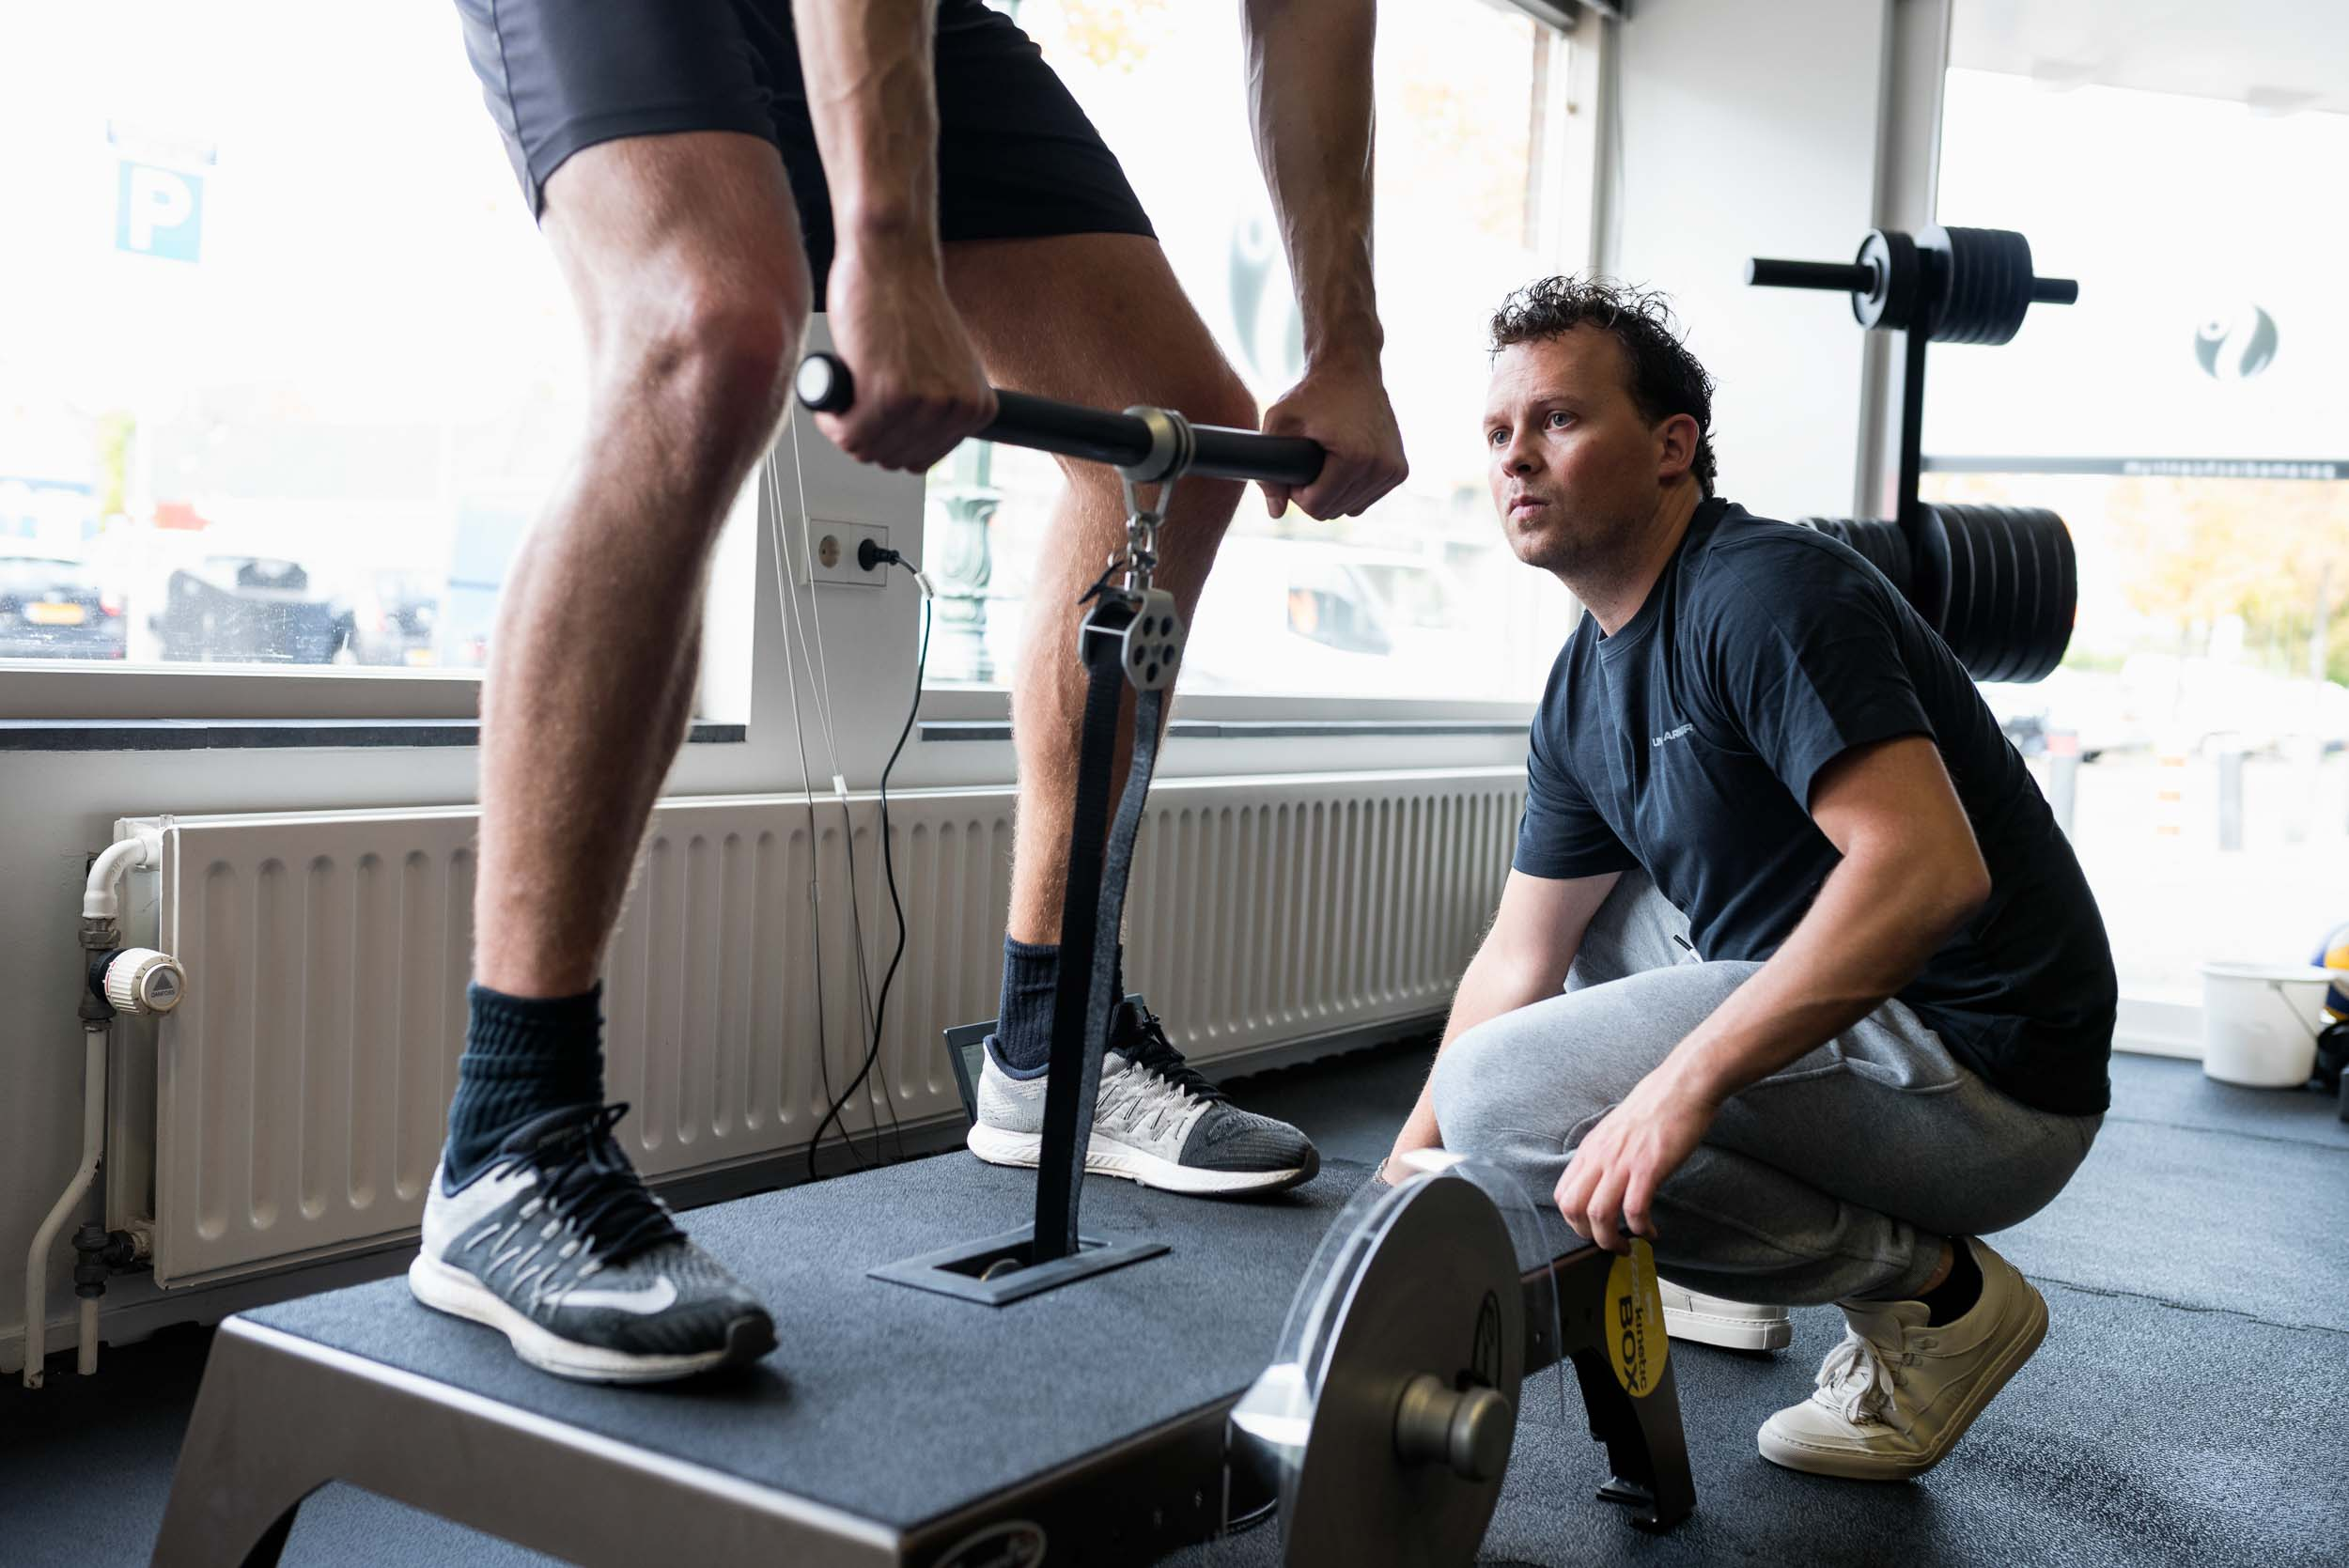 Bedrijsreportage Jip Regtop Fysiotherapie - Situatie Flywheel